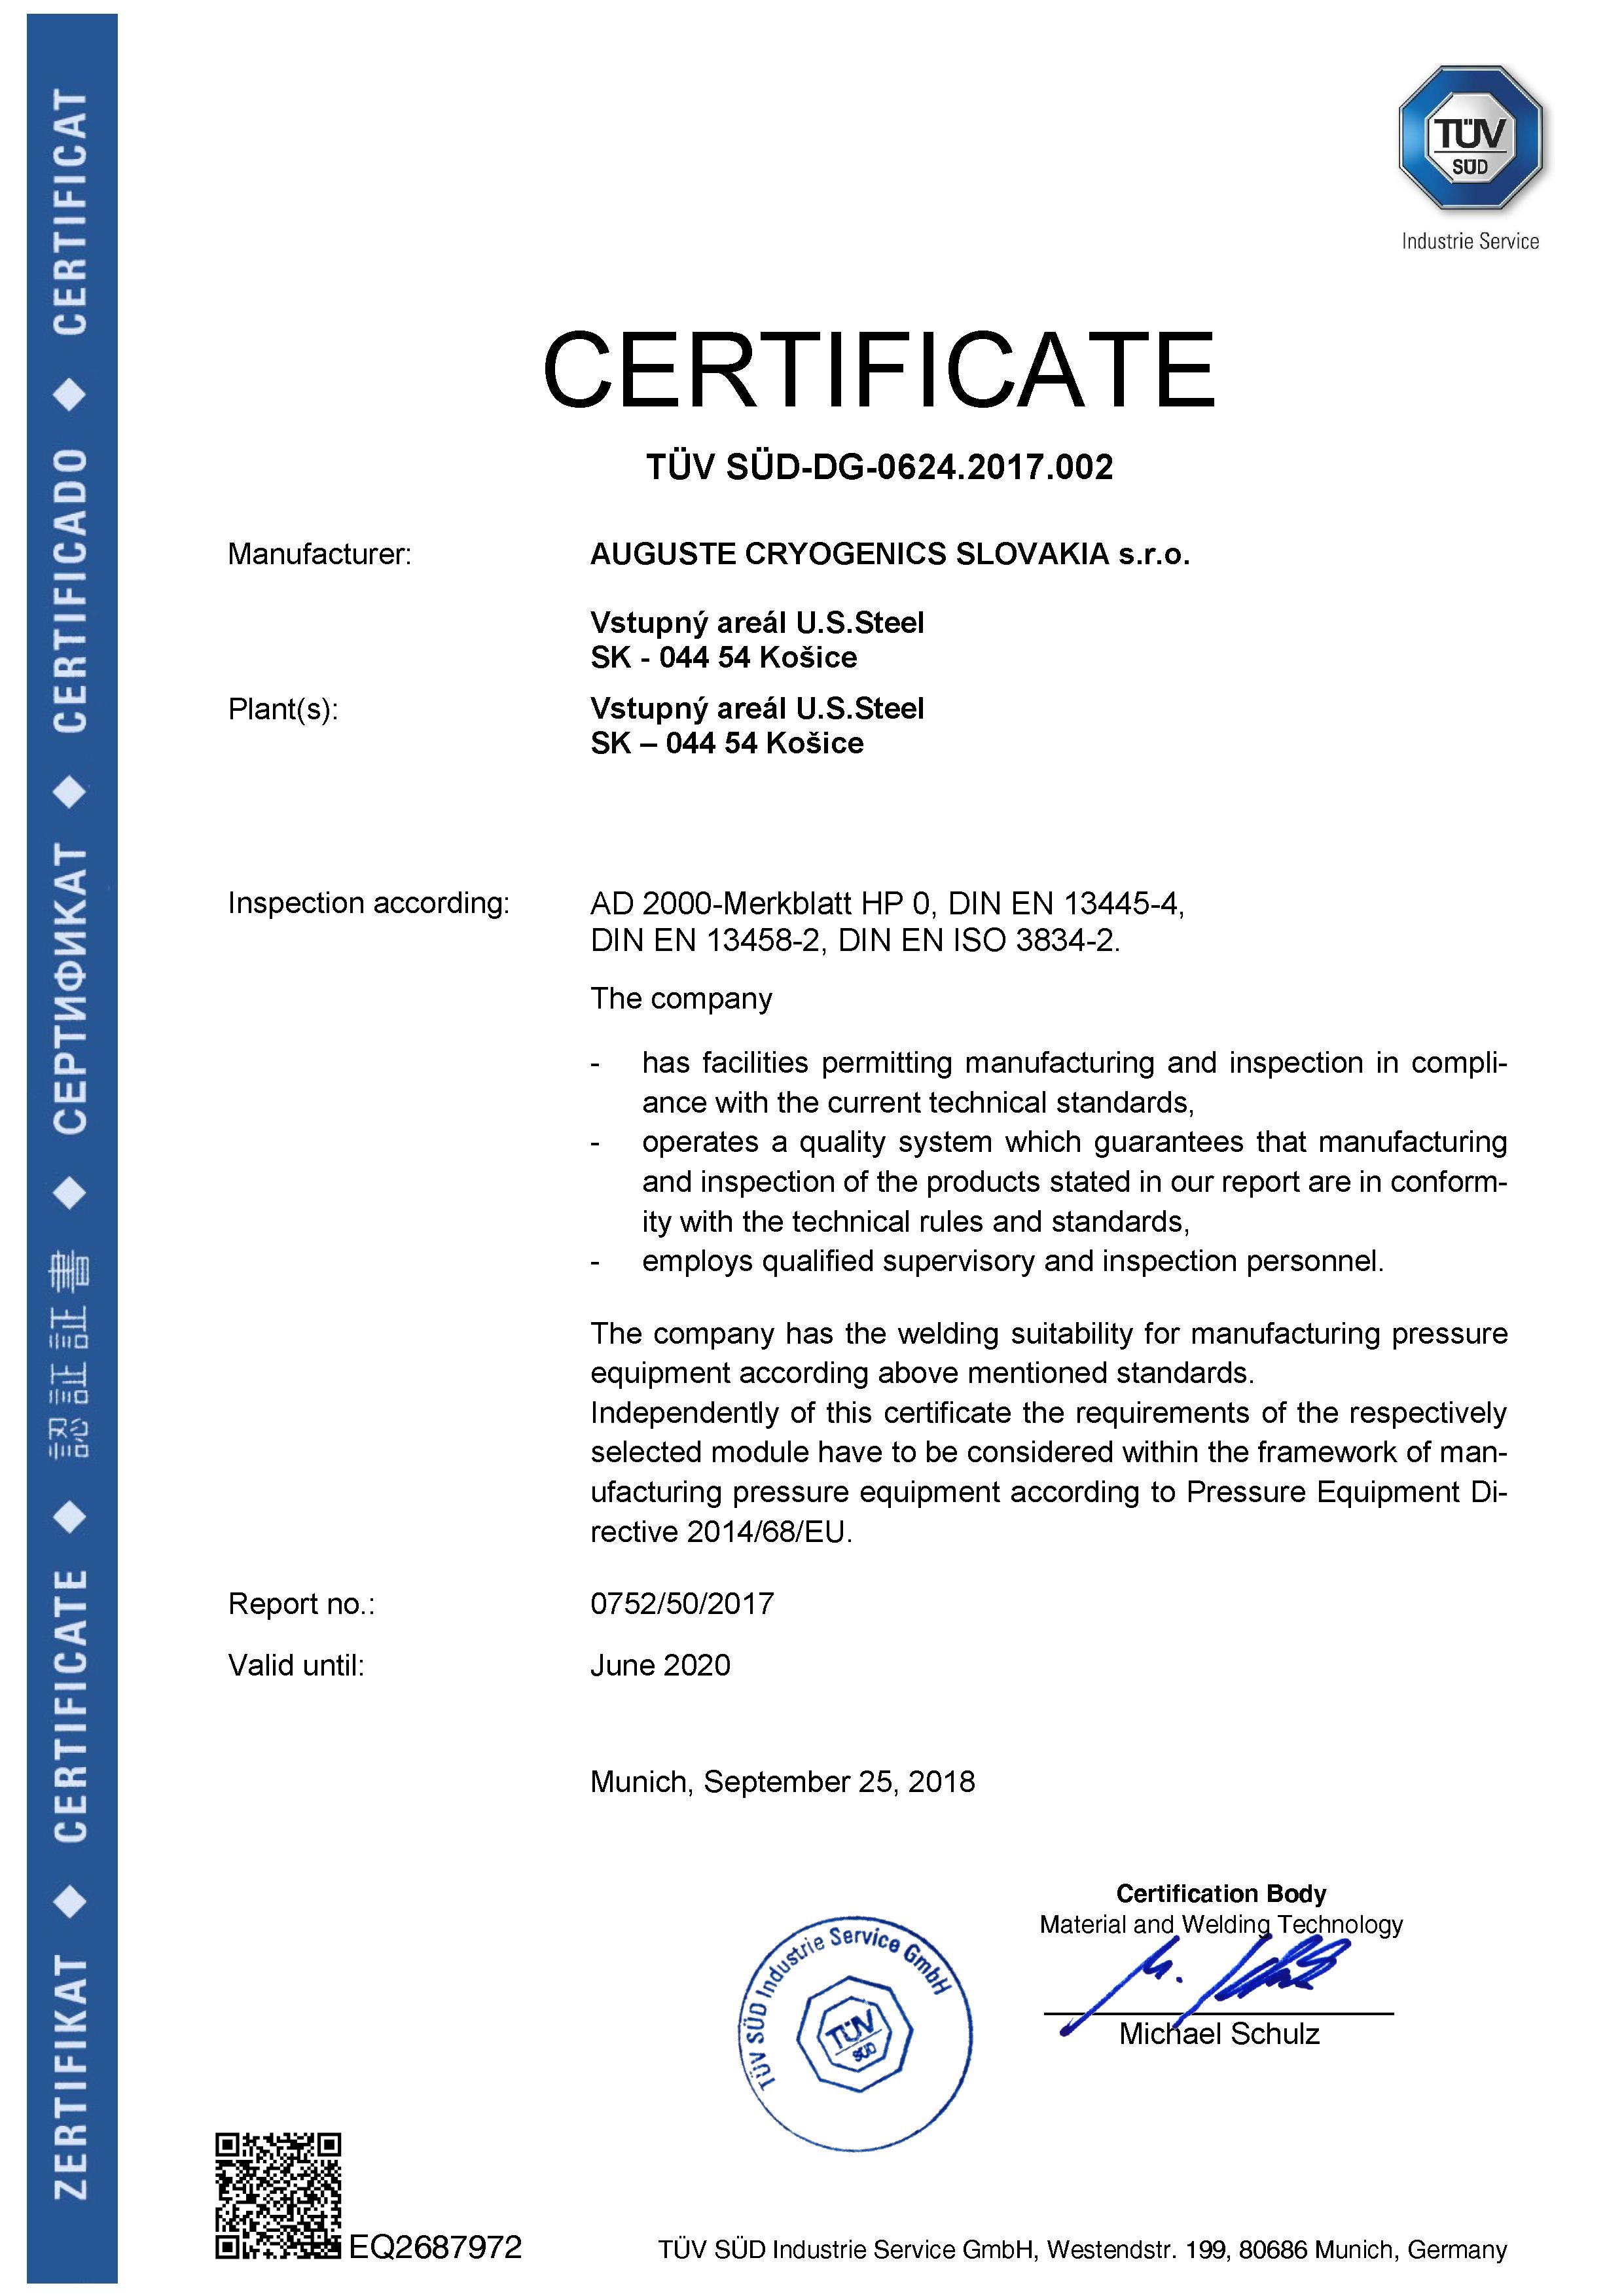 ACS cert-DE-EN_2014-68-EU_AD2000 HP0_EN 13458_EN13445_ISO 3834-2_Seite_8